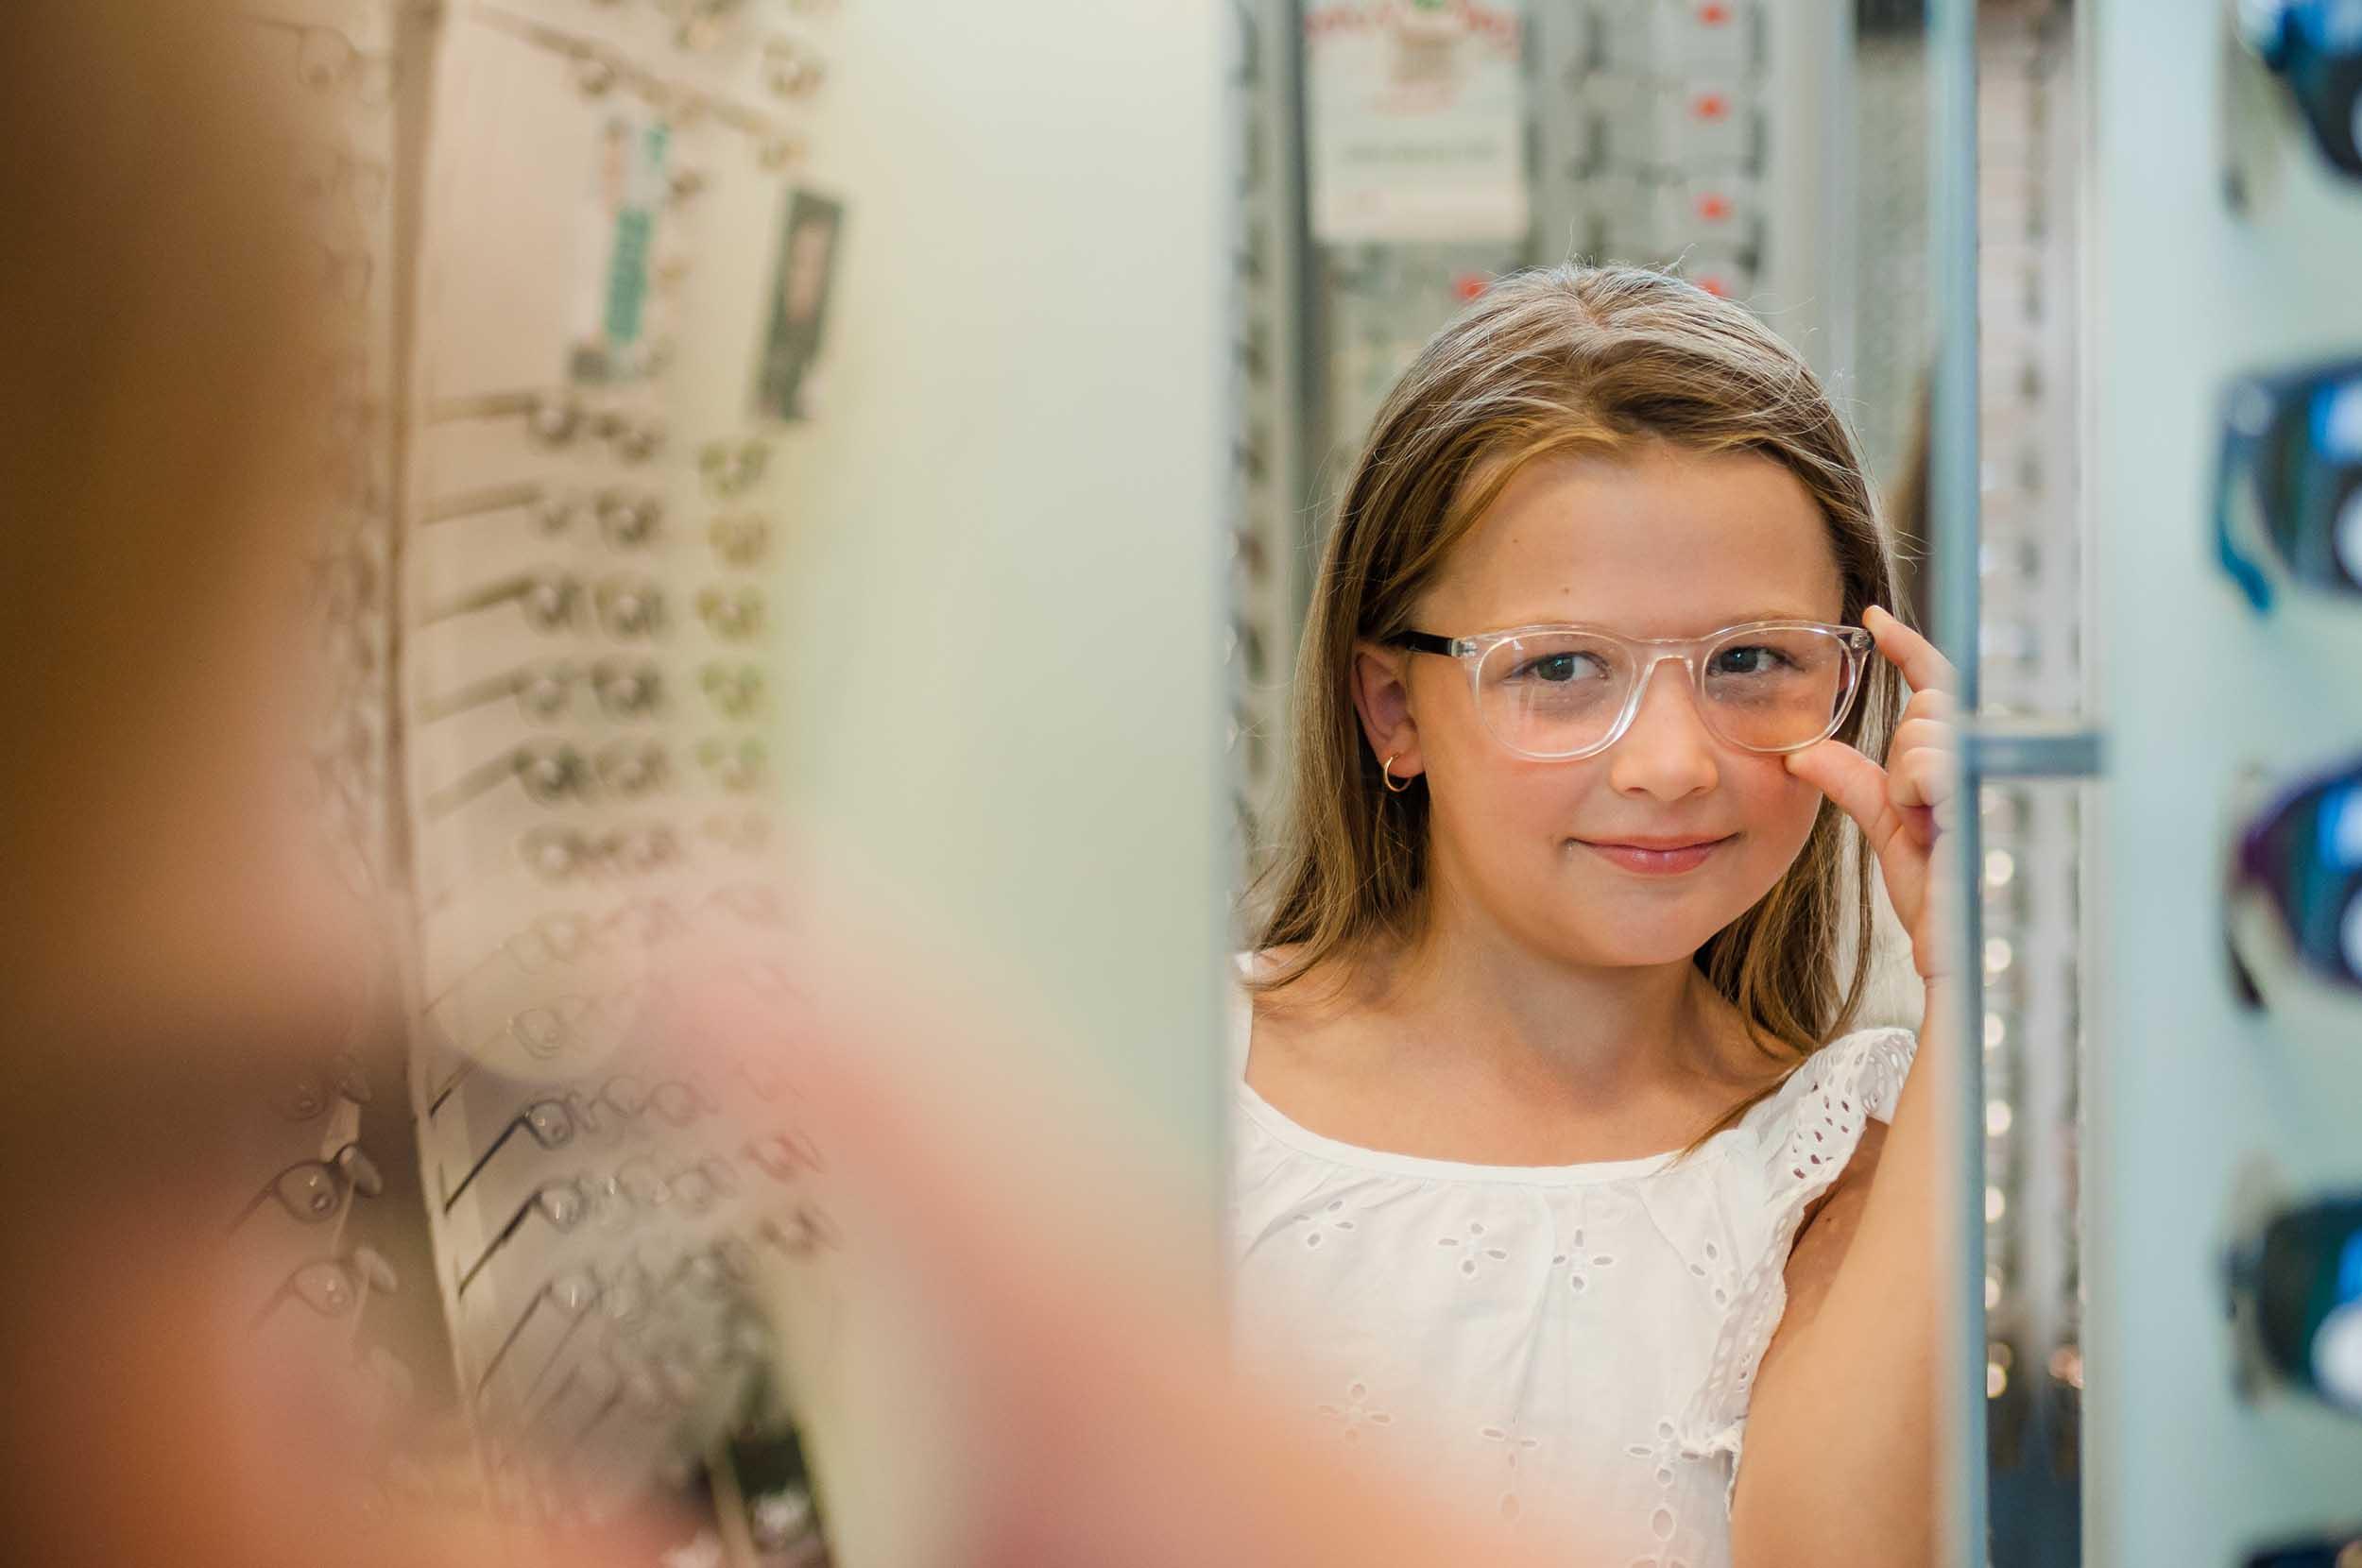 d597ba73 Barn har veldig god tårevæske som passer for linsebruk. Ofte sier man at  barn under 12 år ikke bør bruke linser, men det er kun fordi de ikke skal  være ...